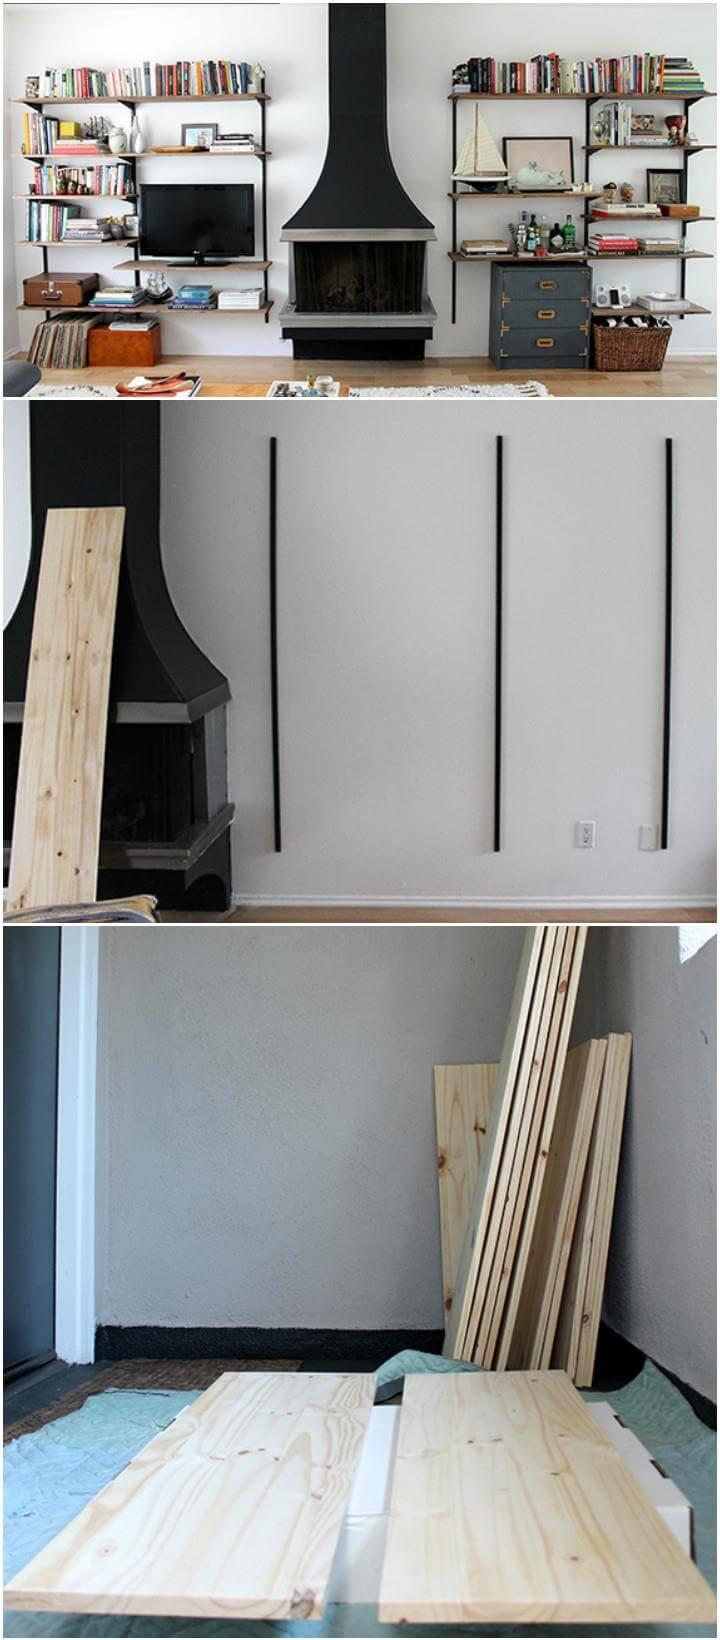 50 diy shelves build your own shelves diy crafts for Diy shelving unit